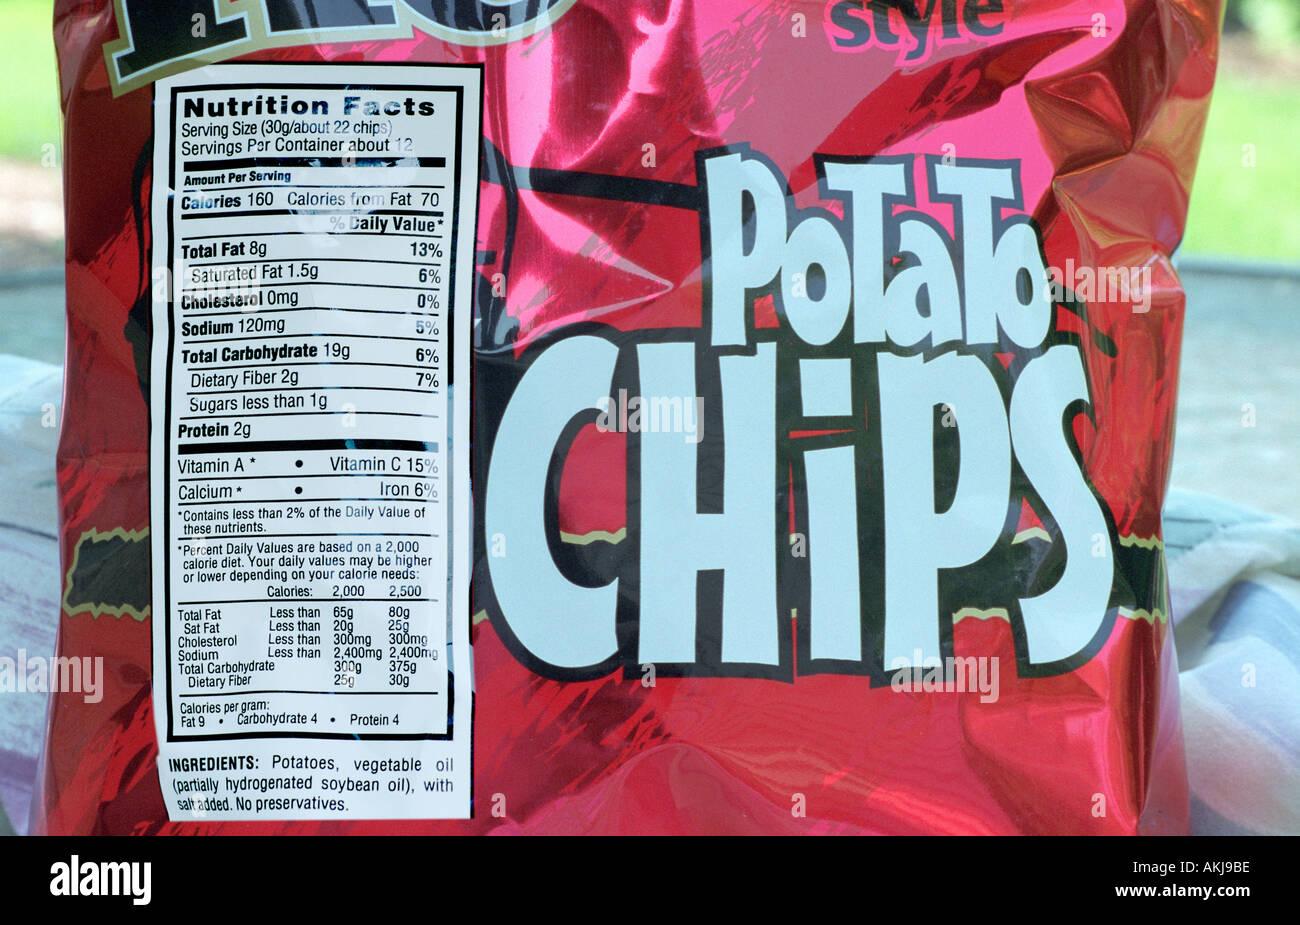 lebensmittel etikett auf der seite produkte zeigen fette gesttigte fettsuren cholesterin kalorien kohlenhydrate und portionsgre - Gesattigte Fettsauren Beispiele